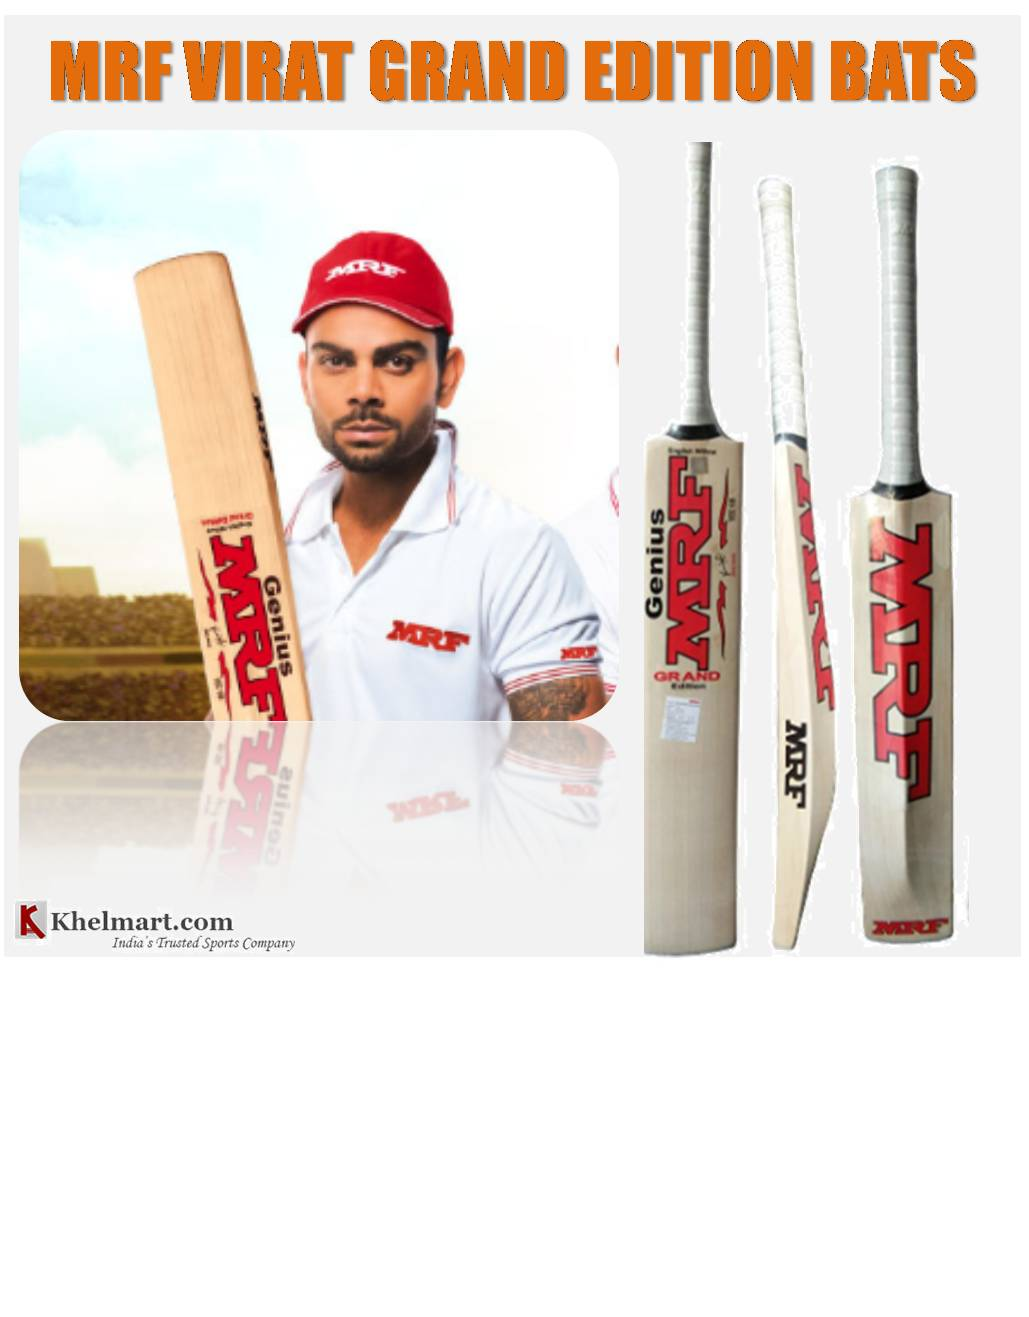 MRF_Virat_Kohli_cricket_Bats_Pics